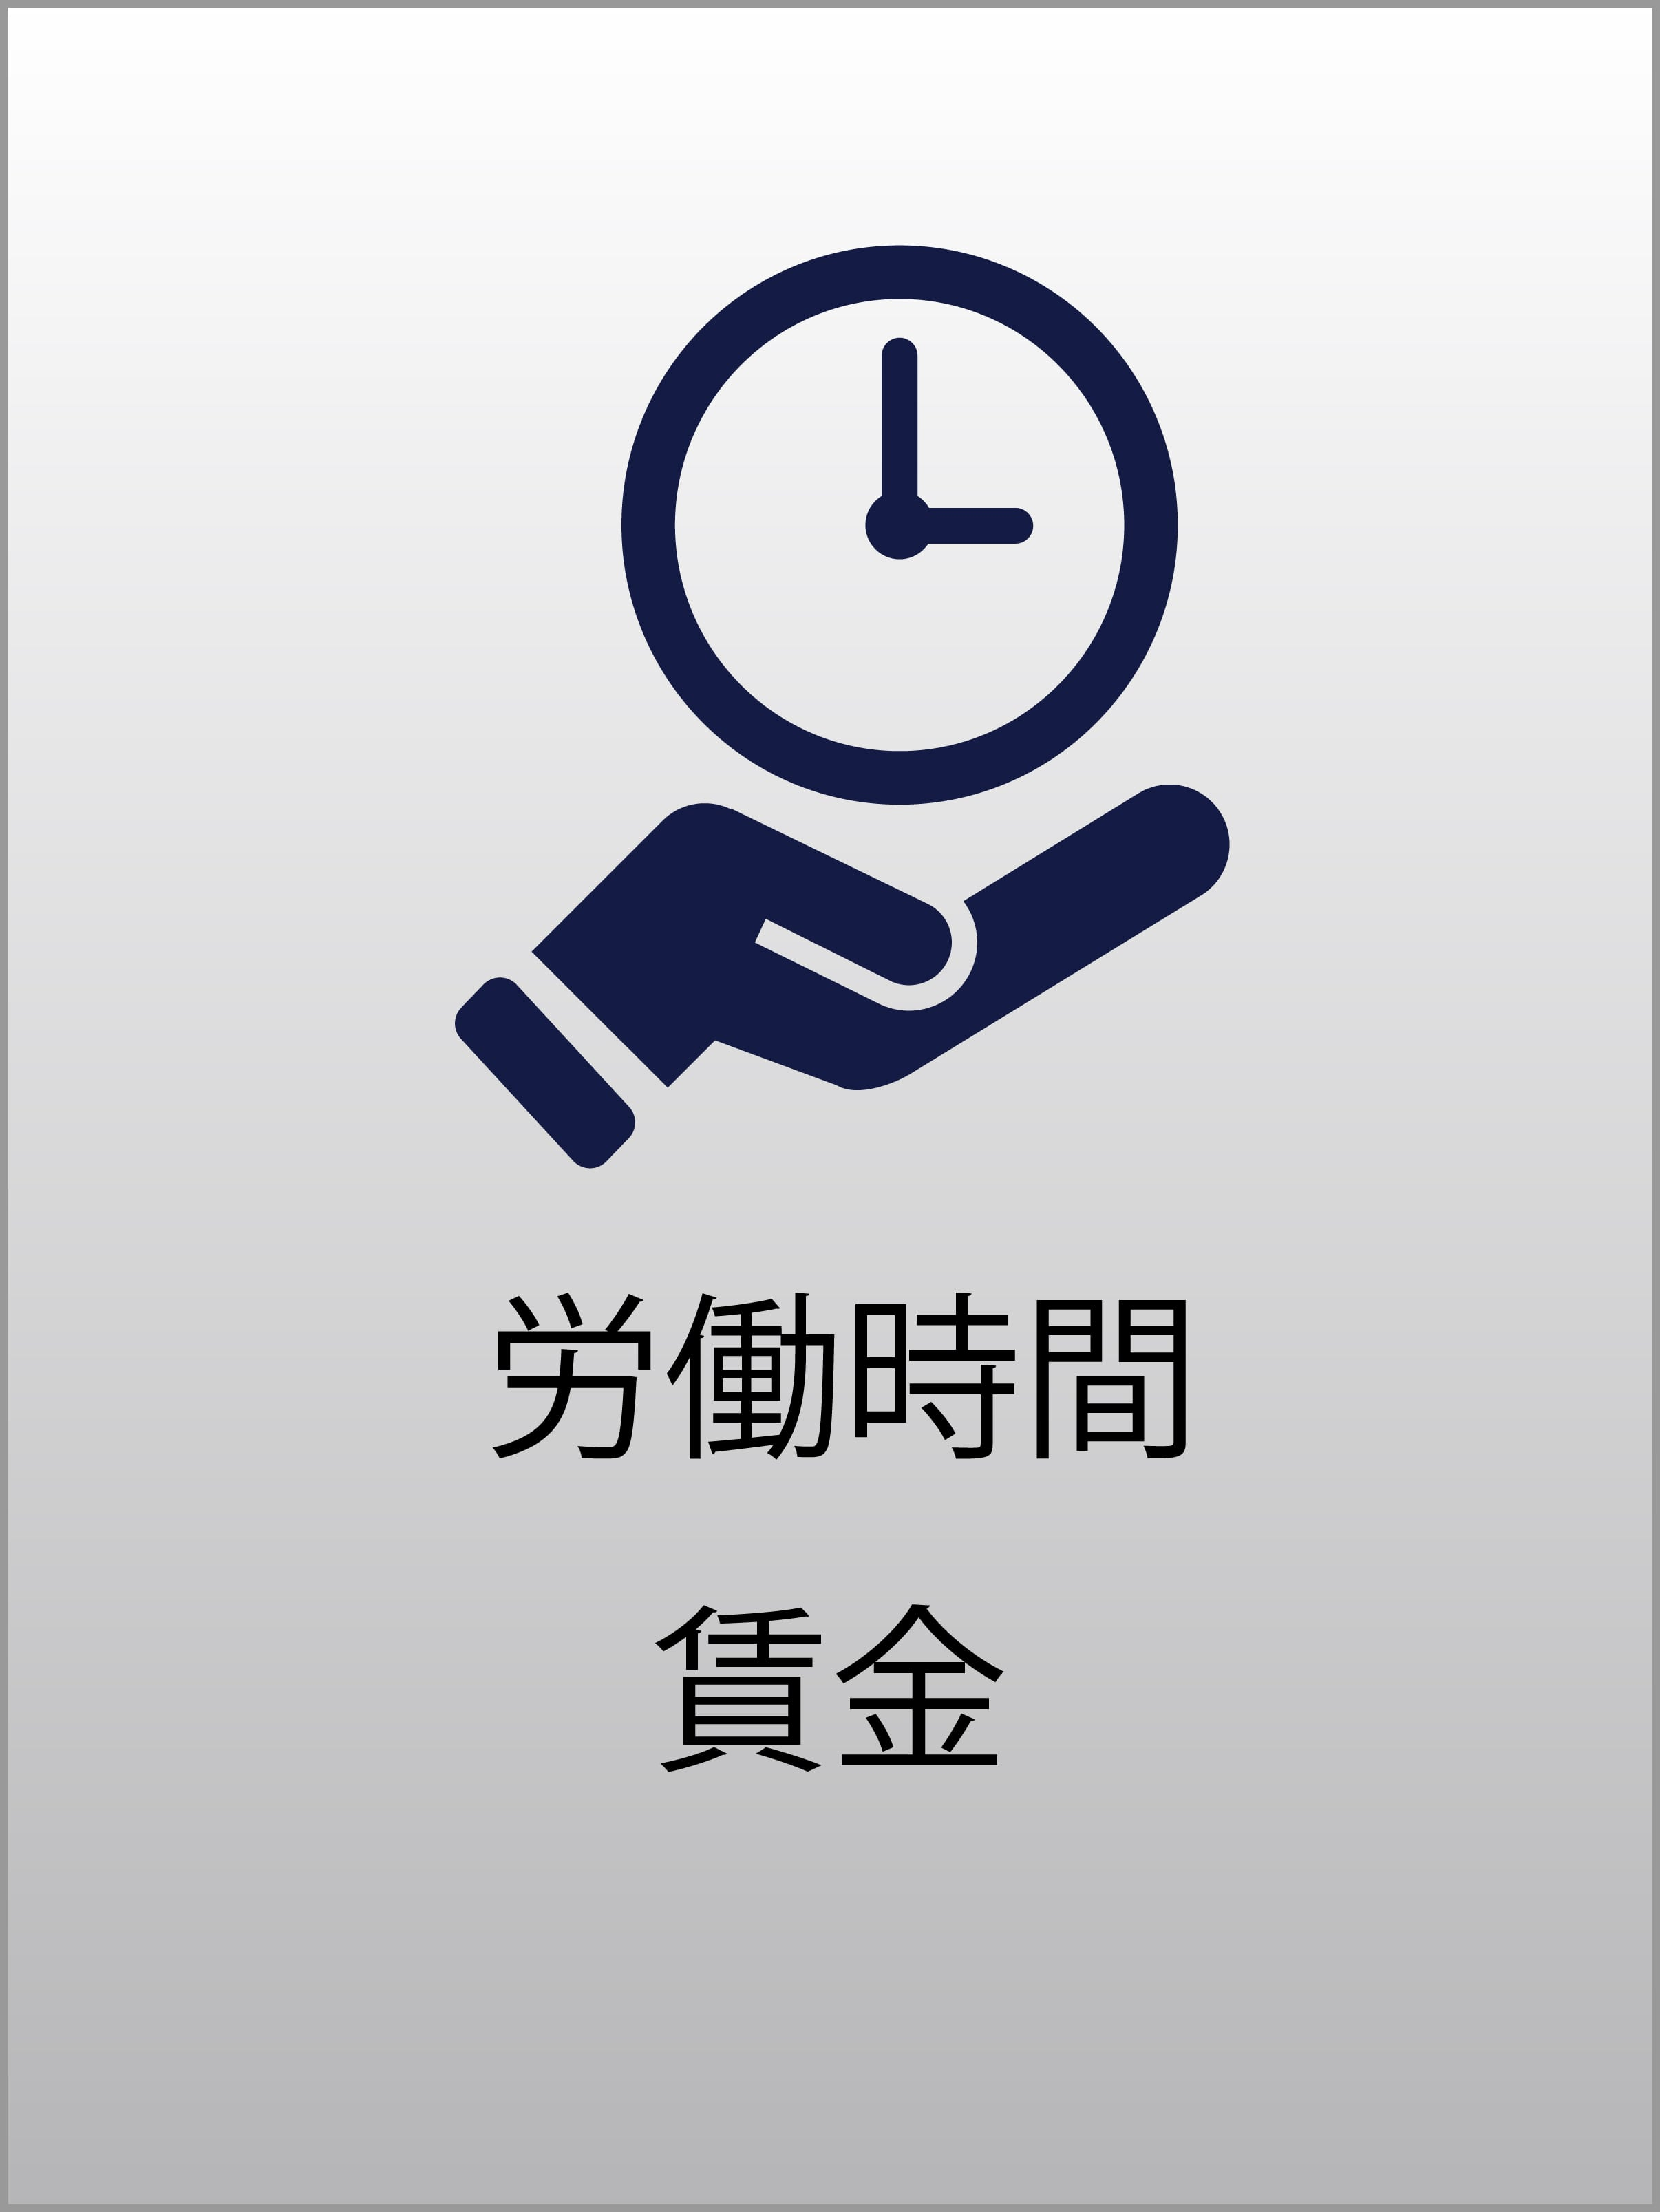 労働時間・賃金